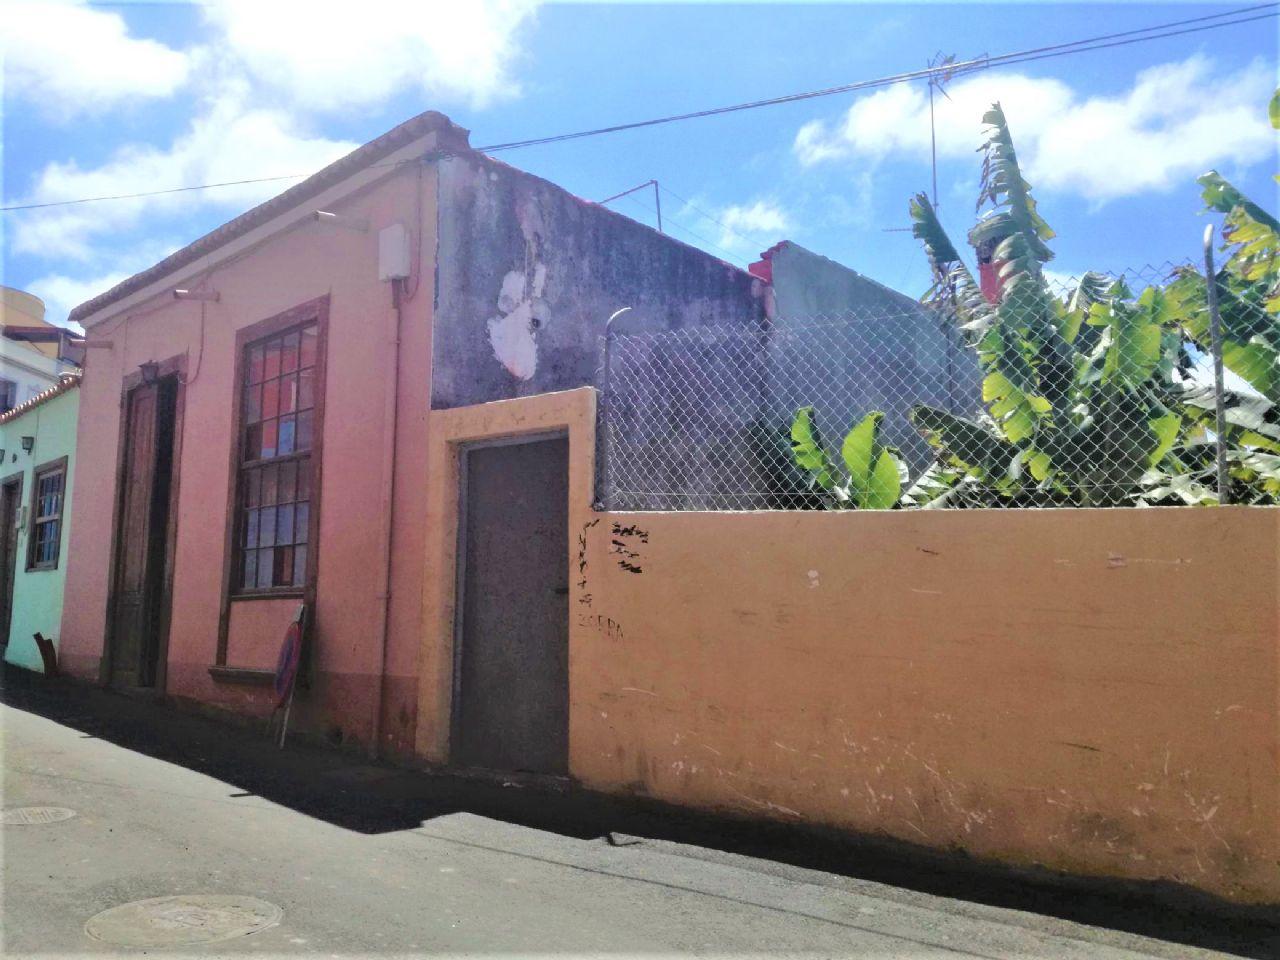 Casa / Chalet en Llanos de Aridane, Los, La Carrilla, venta